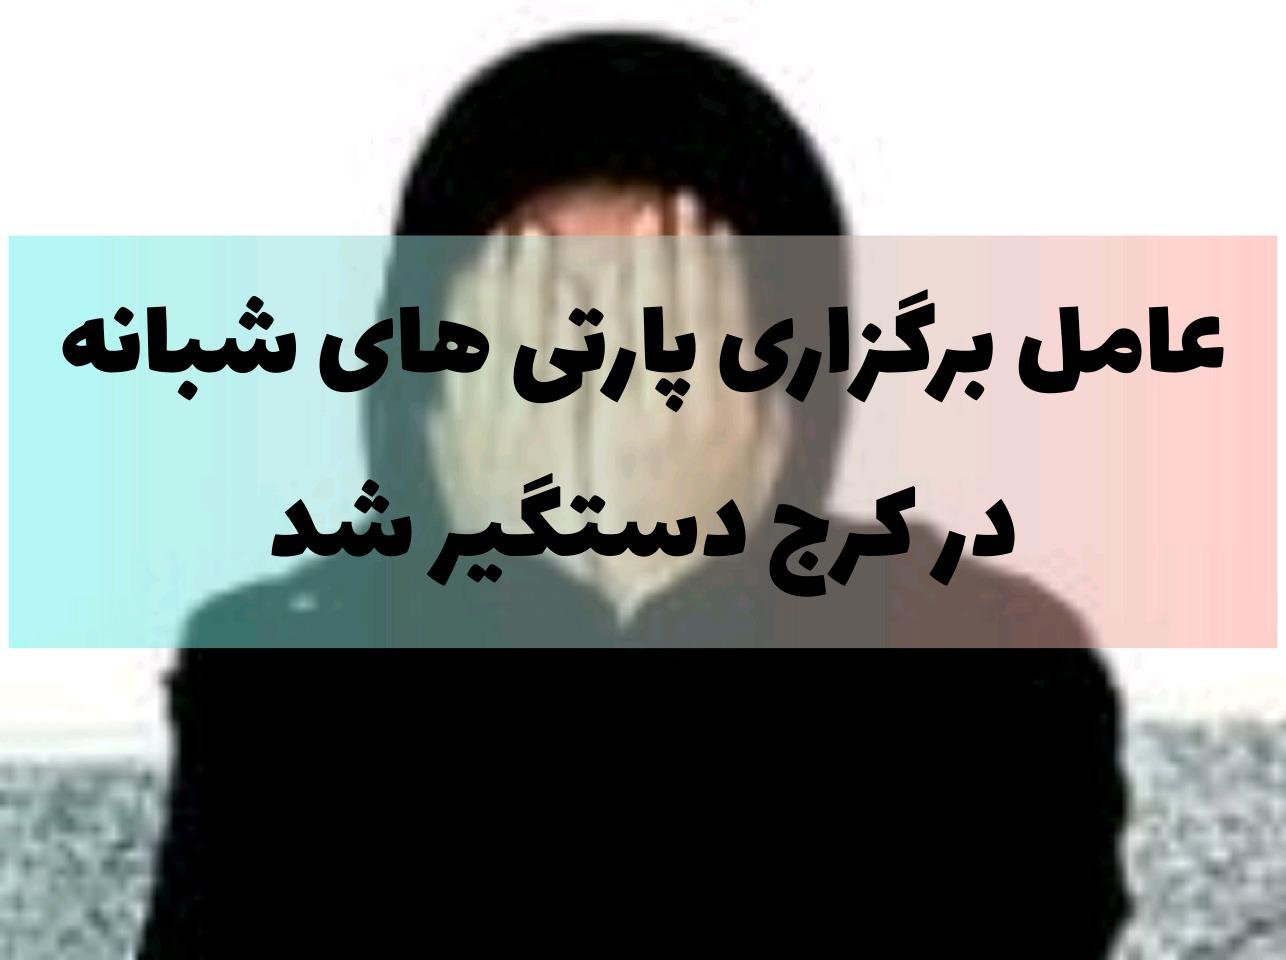 دستگیری گرداننده صفحه و کانال برگزار کننده پارتی های شبانه در کرج